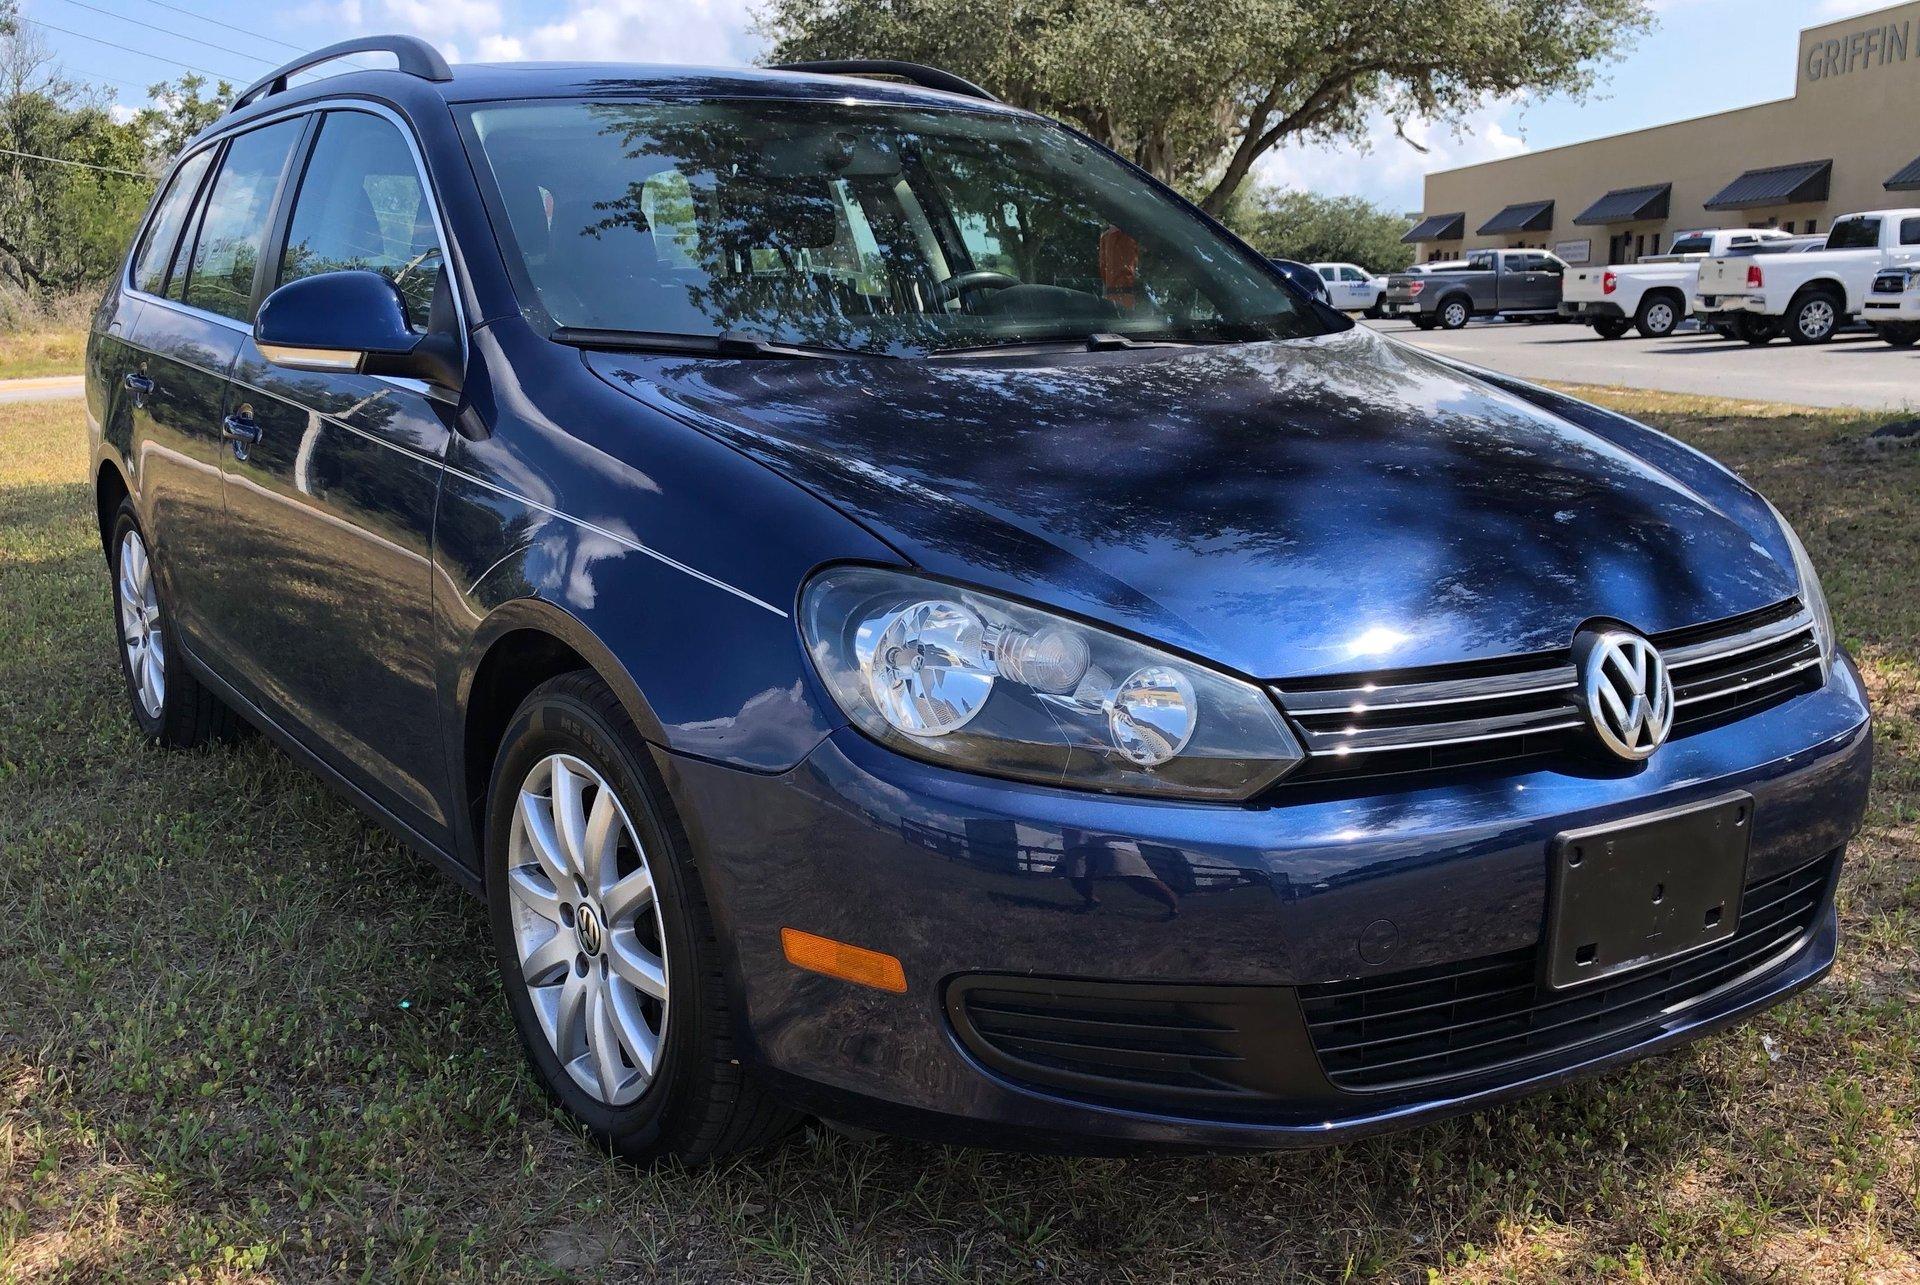 2011 Volkswagen Jetta TDI Sport Wagon